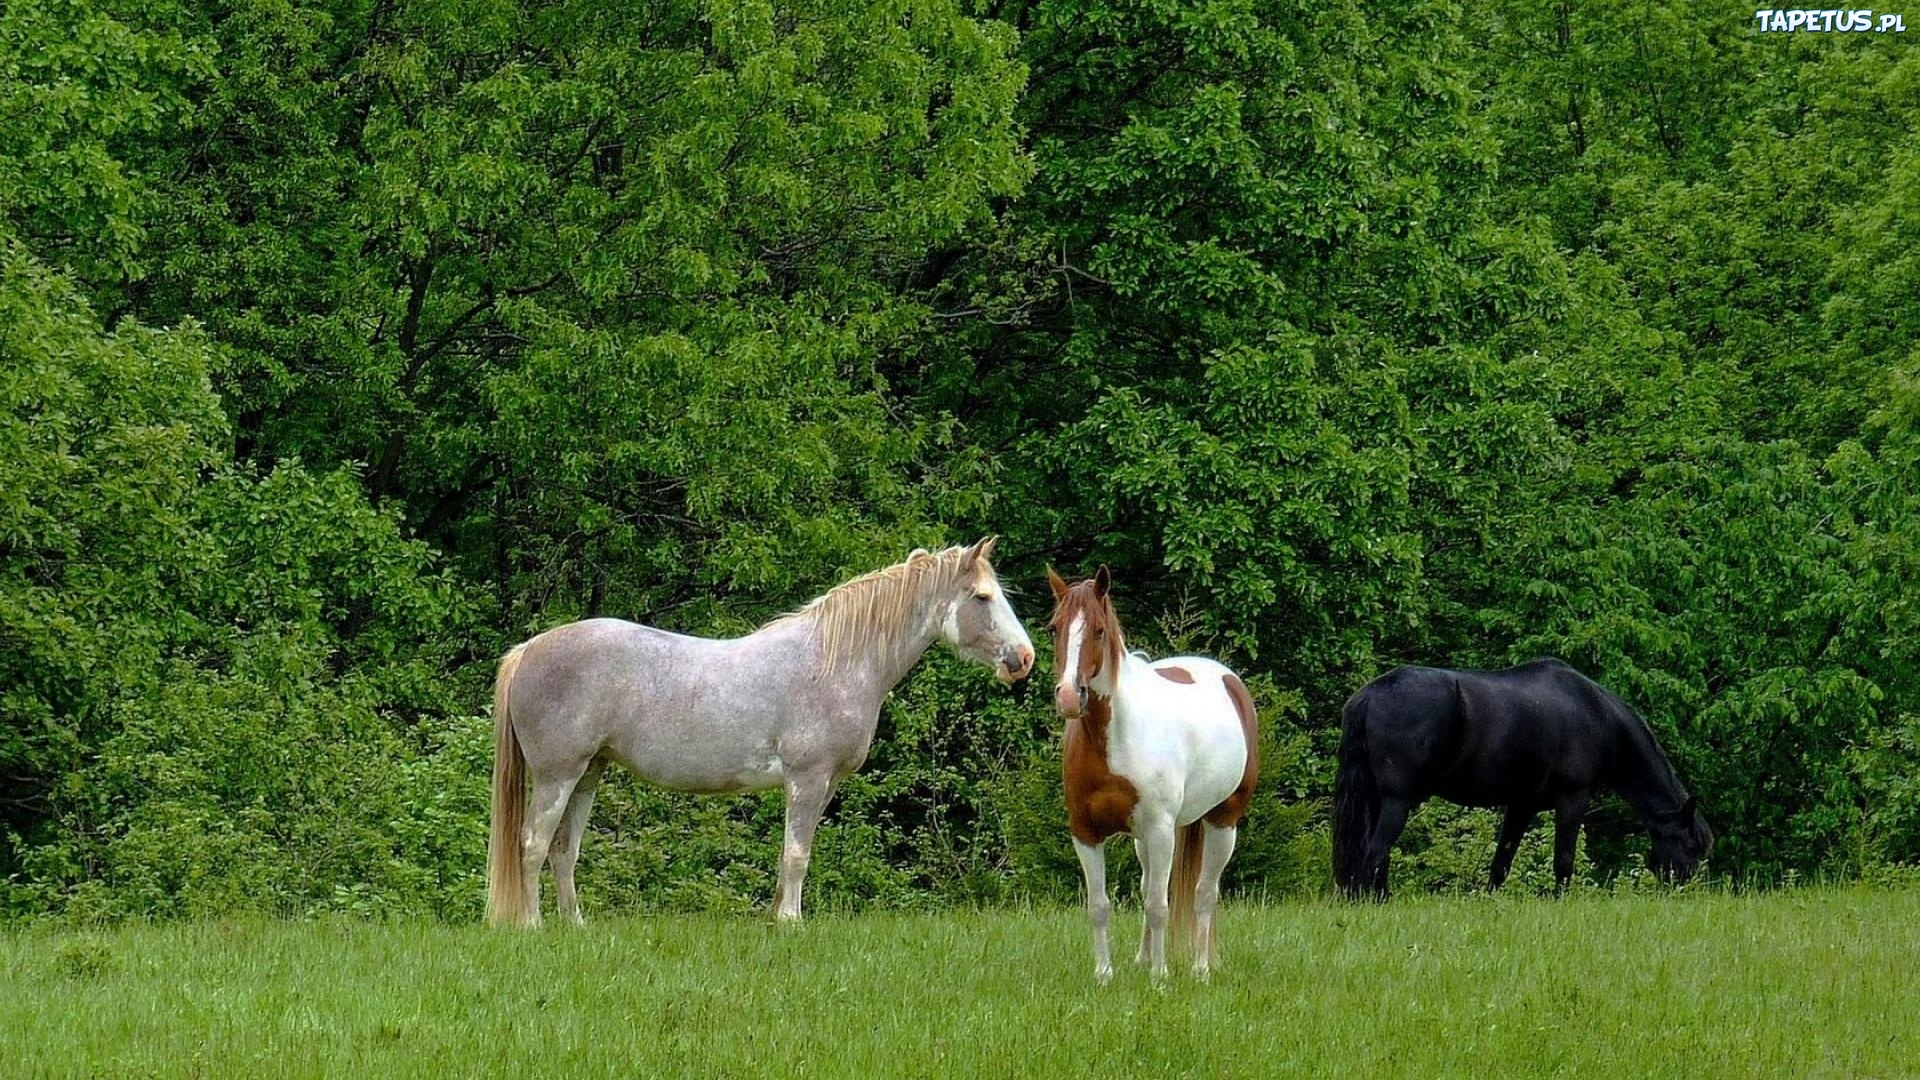 природа животные лошади овцы трава смотреть